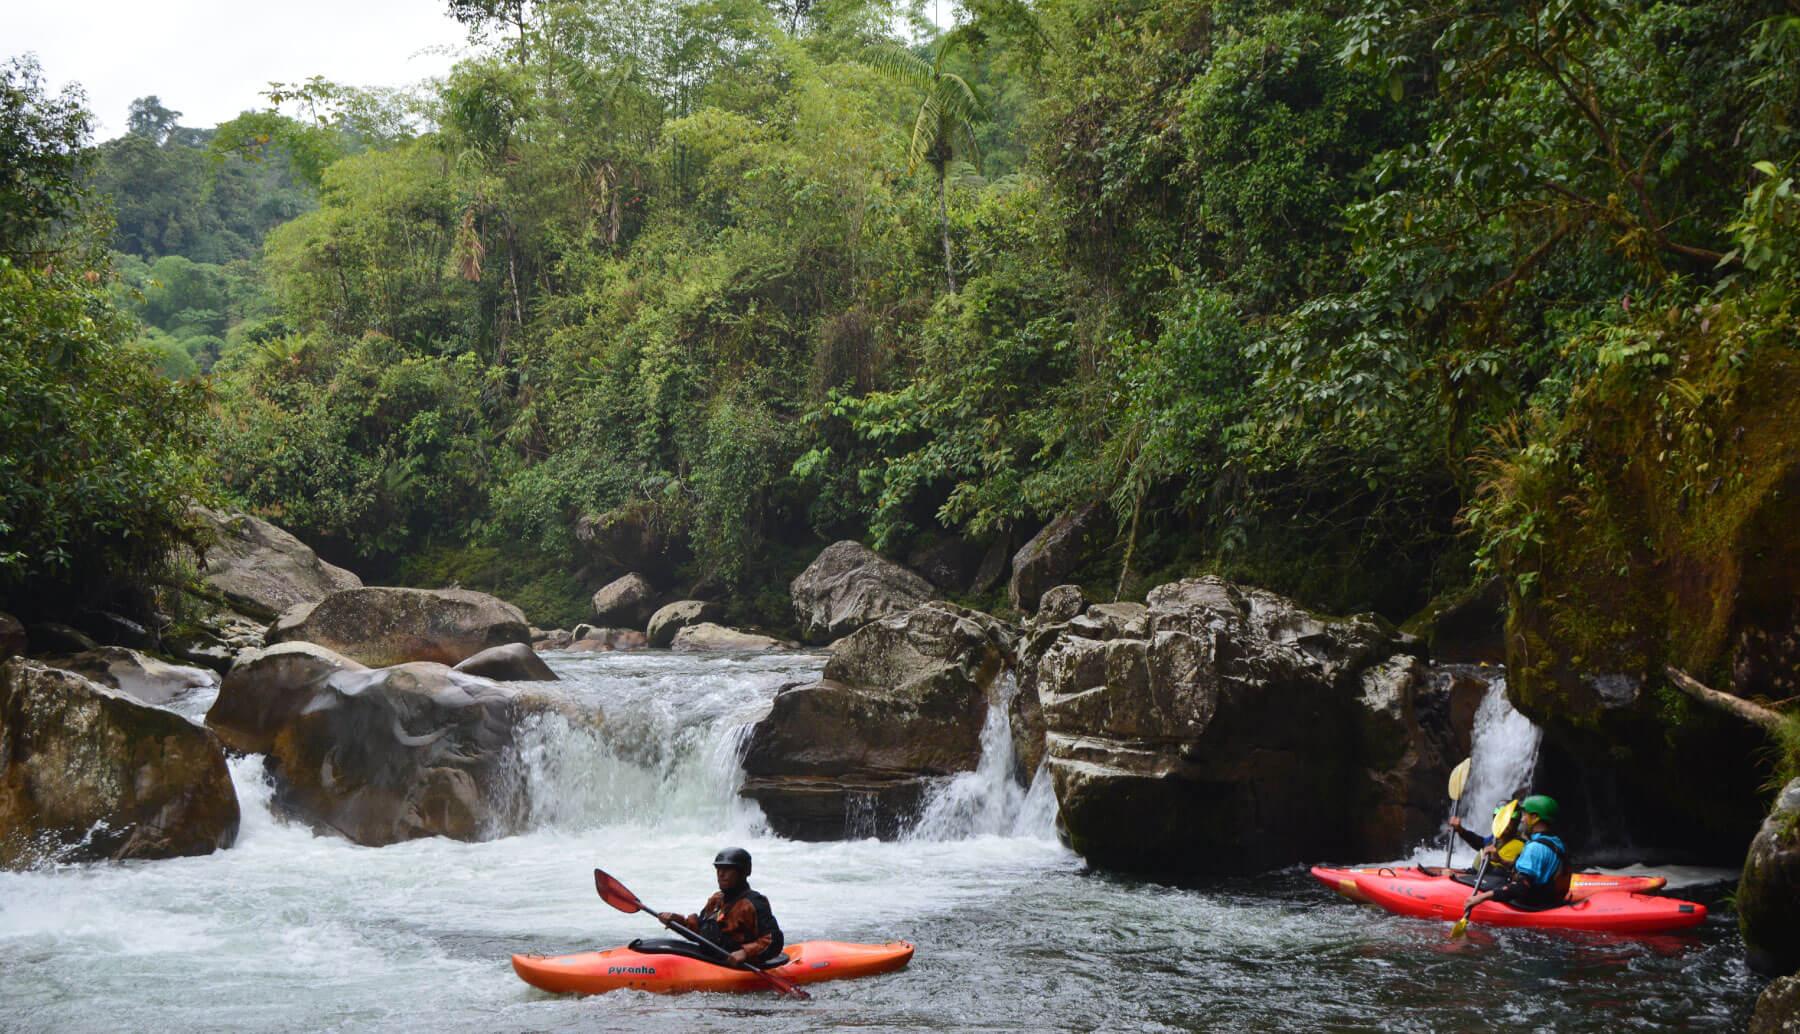 Urcusiqui river kayak guided Trip | Ecuador Whitewater